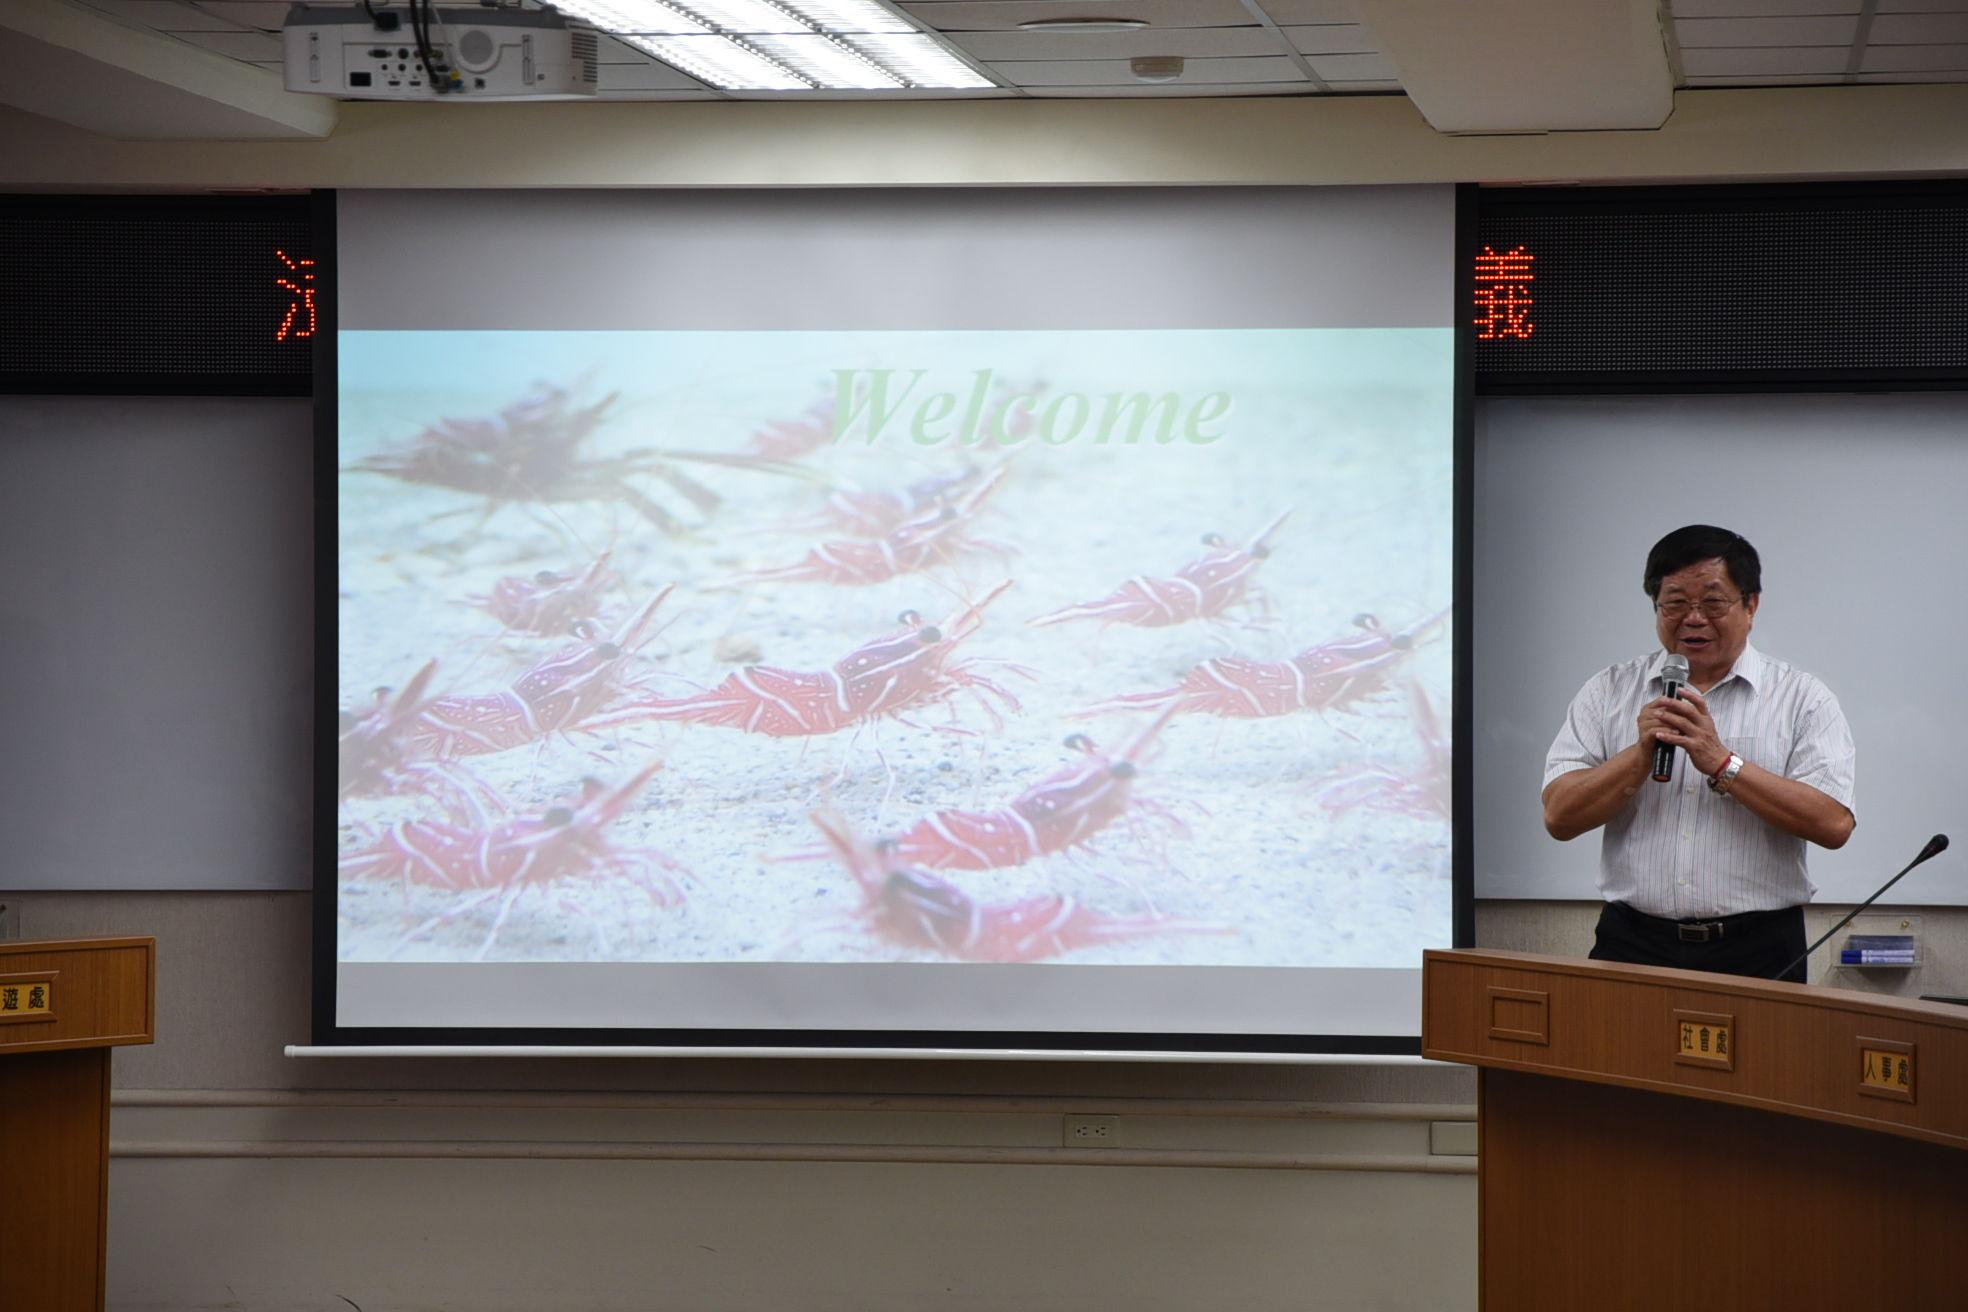 邀請海洋生物研究專家蔡萬生演講澎湖永續漁業課題與對策